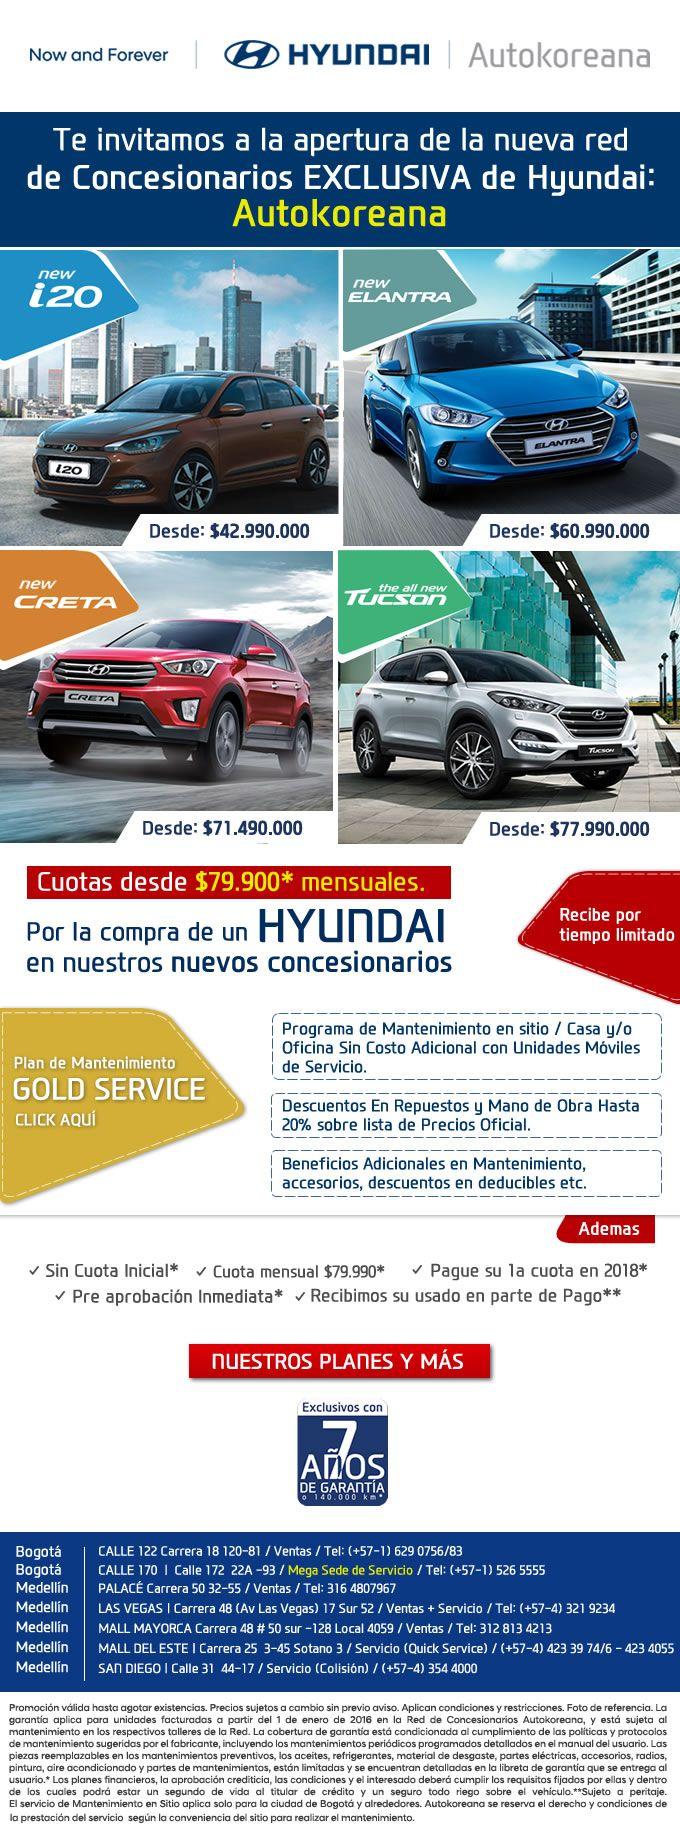 #NOVOCLICK esta con #Hyundai #Concesionarios